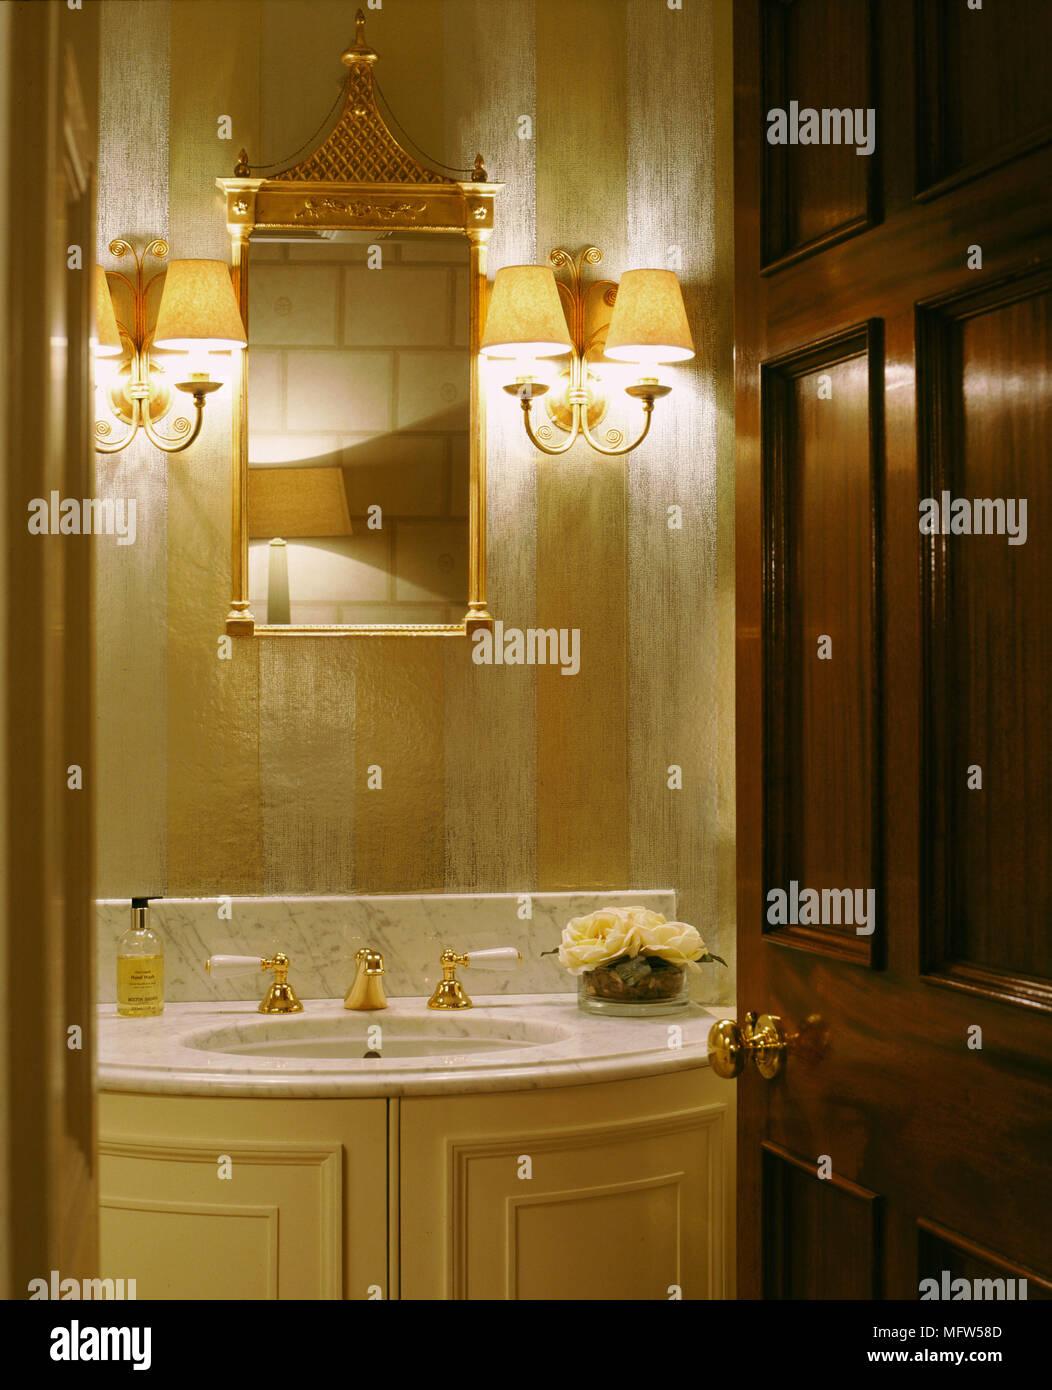 Salle de bain traditionnelle détail lavabo en marbre situé dans l ...